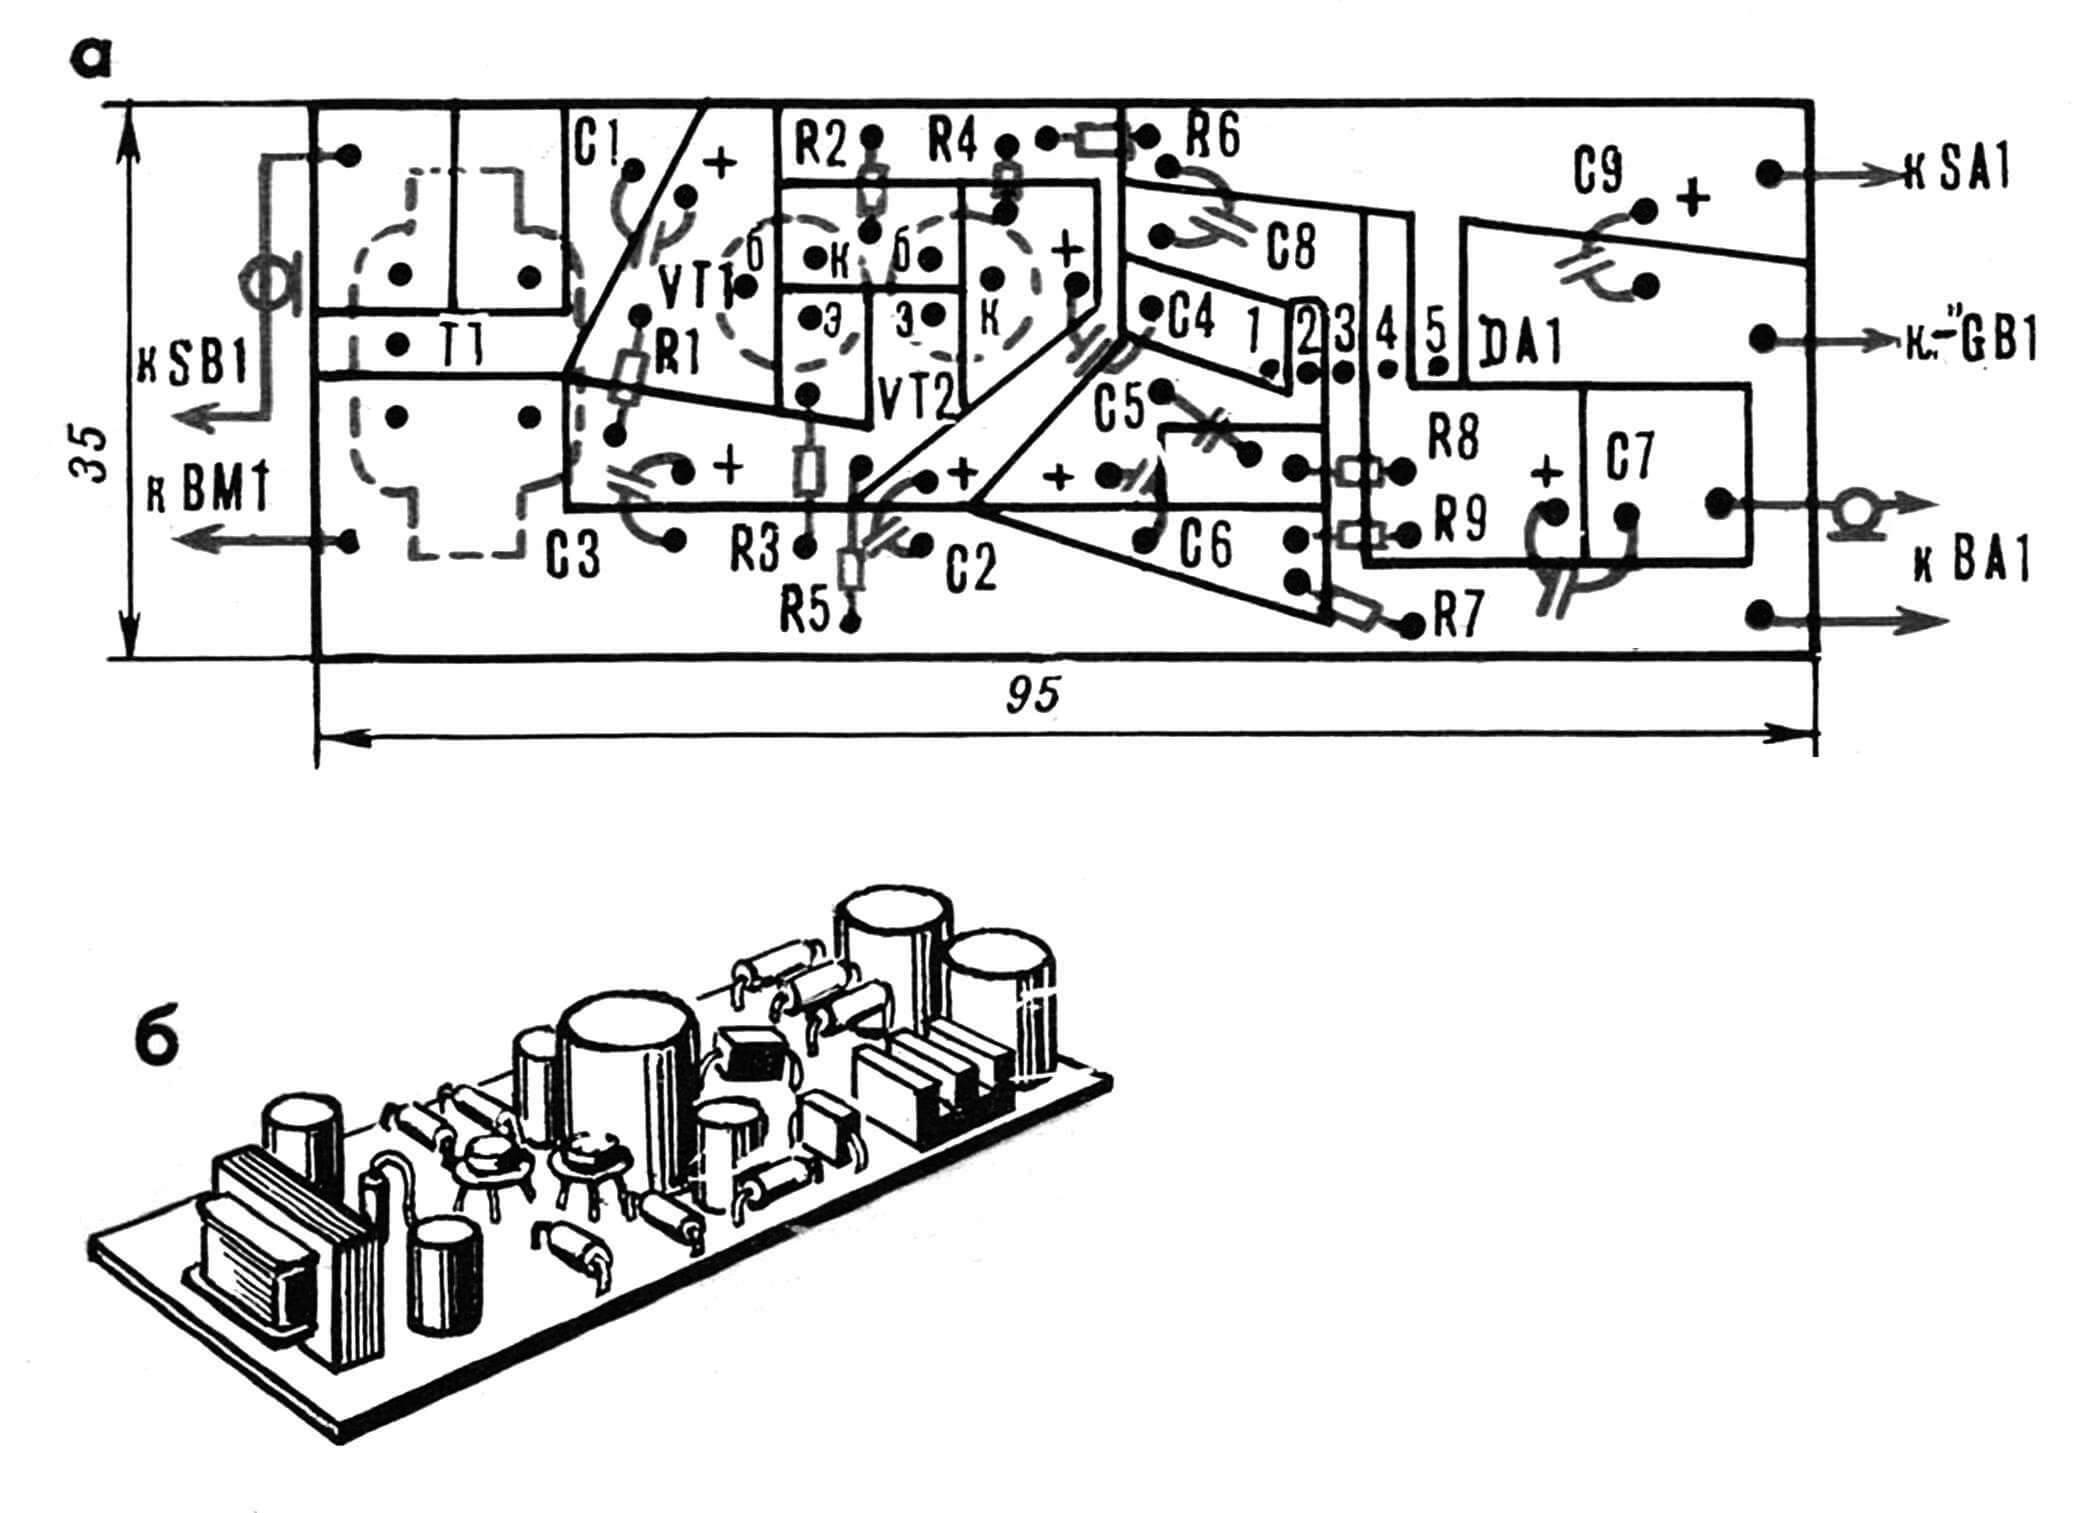 Рис. 4. Печатная плата (а) и особенности выполнения на ней монтажа (б) усилителя (микросхема устанавливается вместе с радиатором).